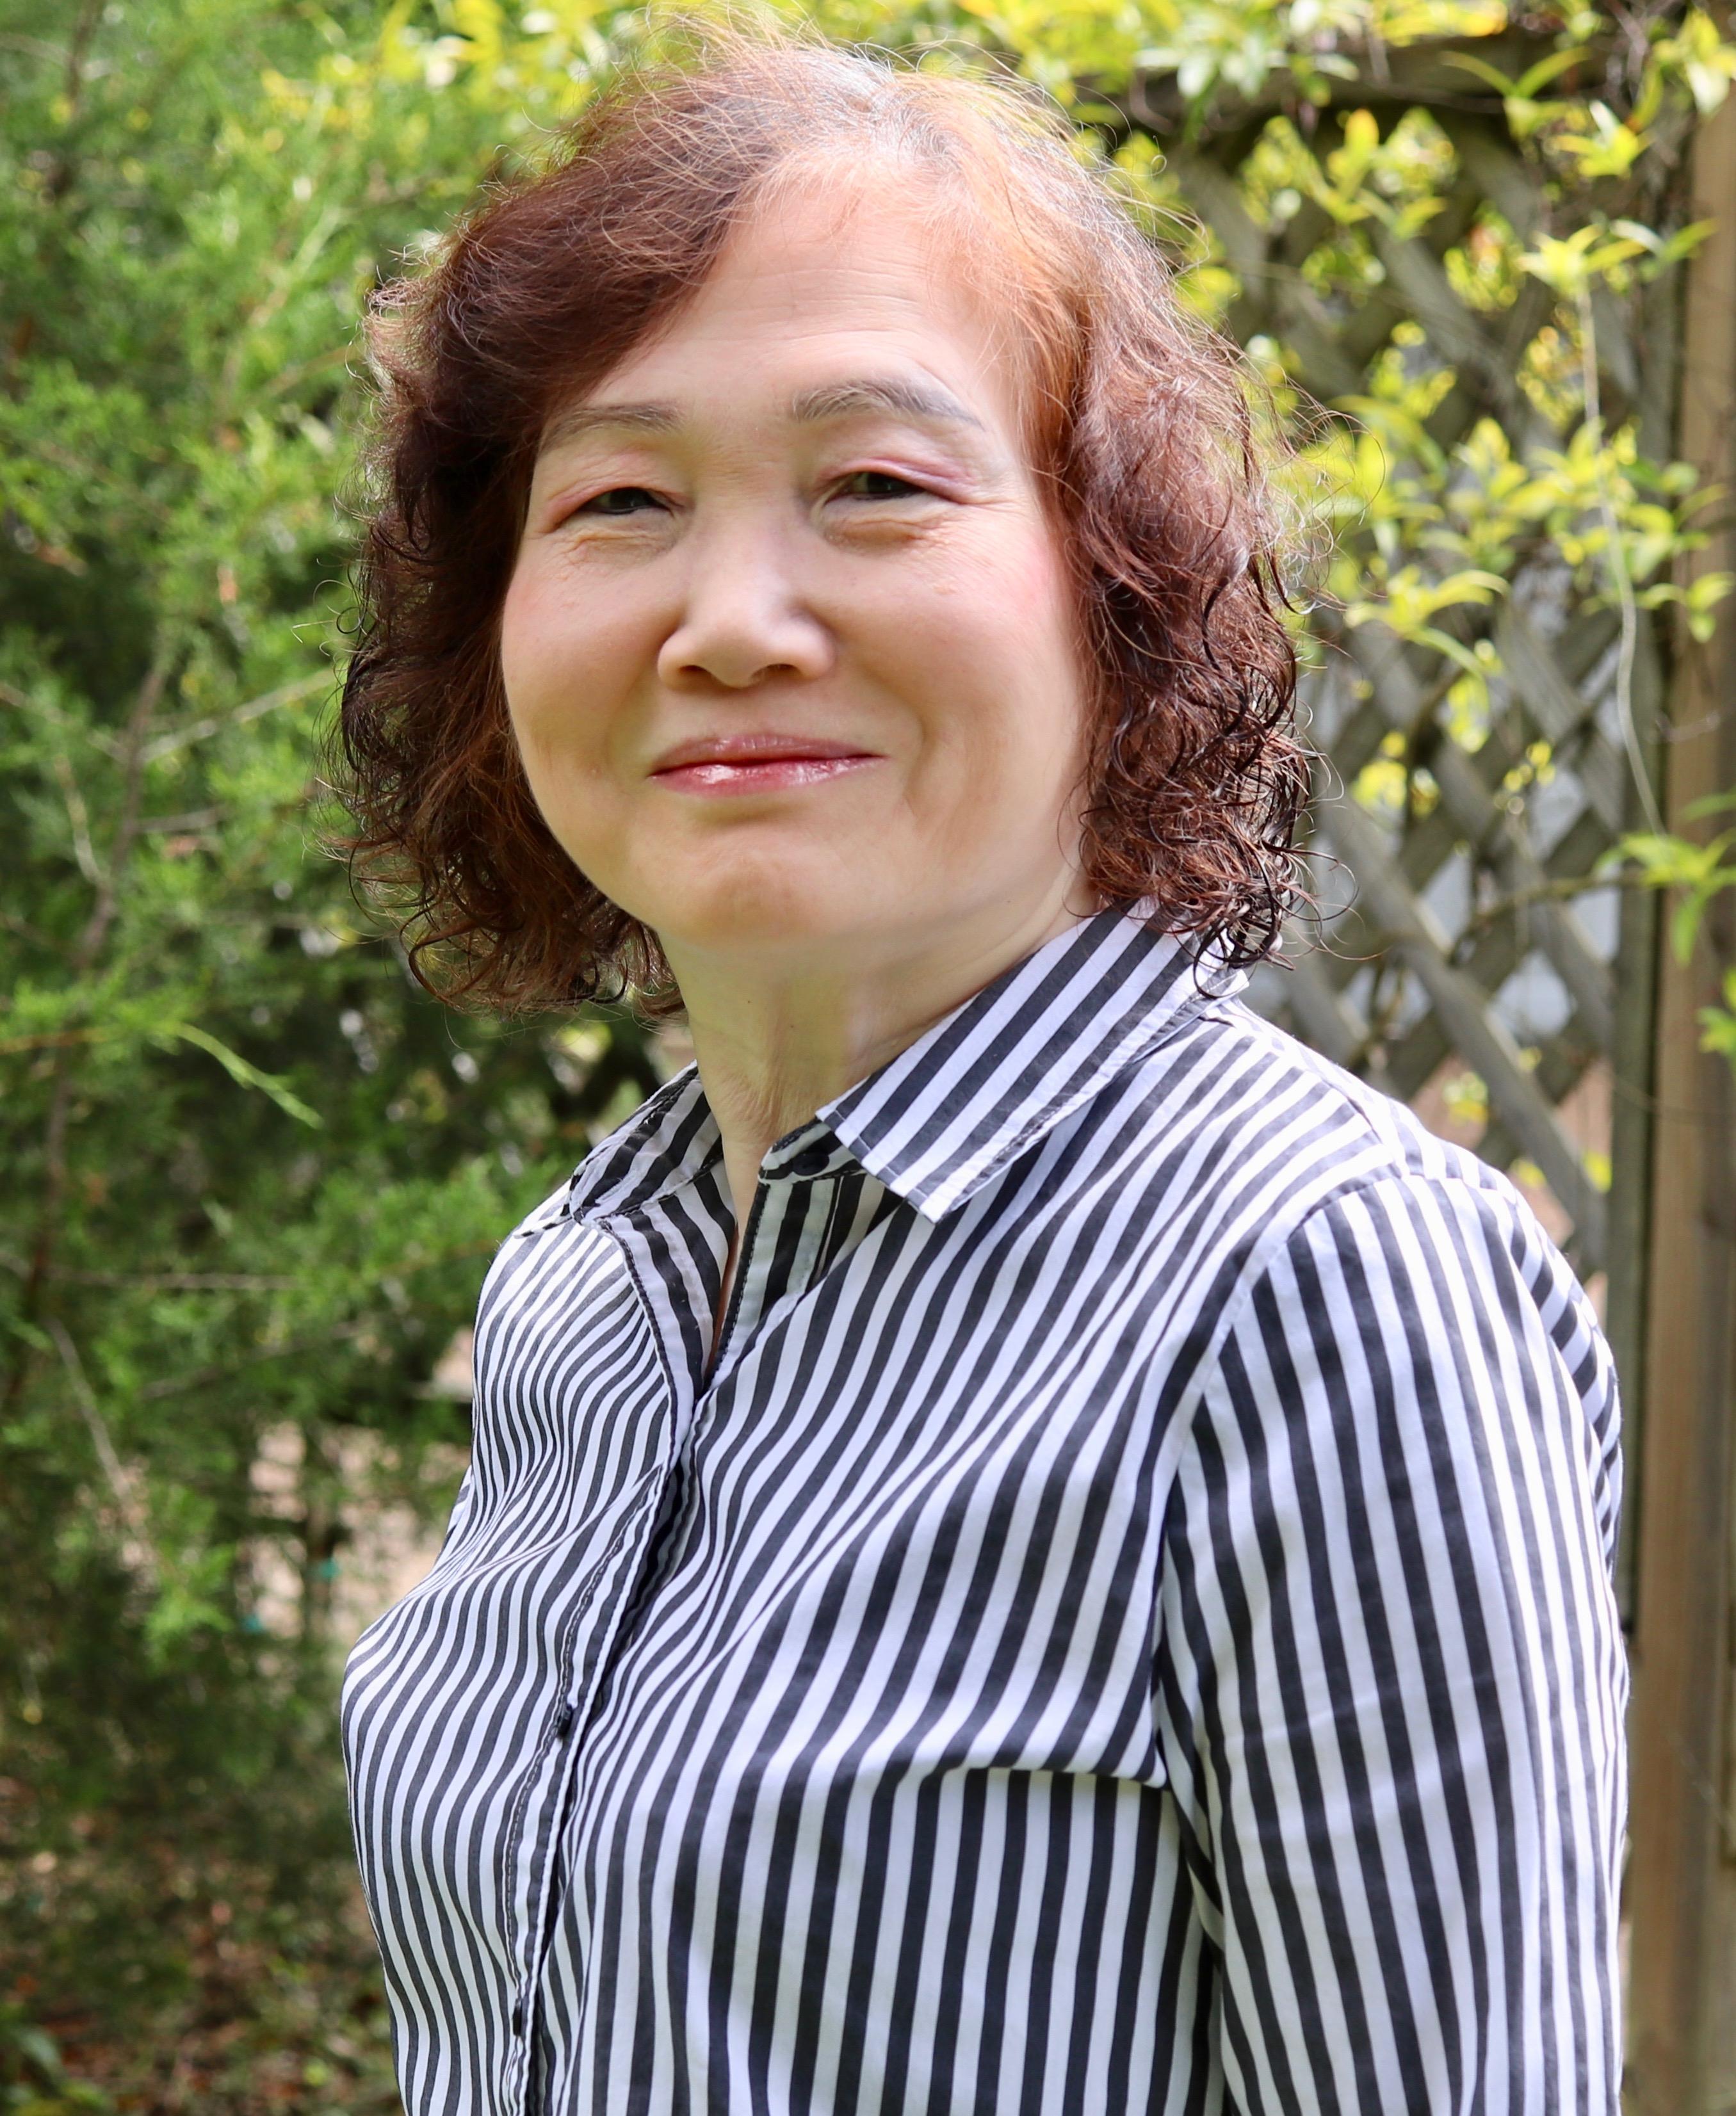 Dr. Chinling Wang